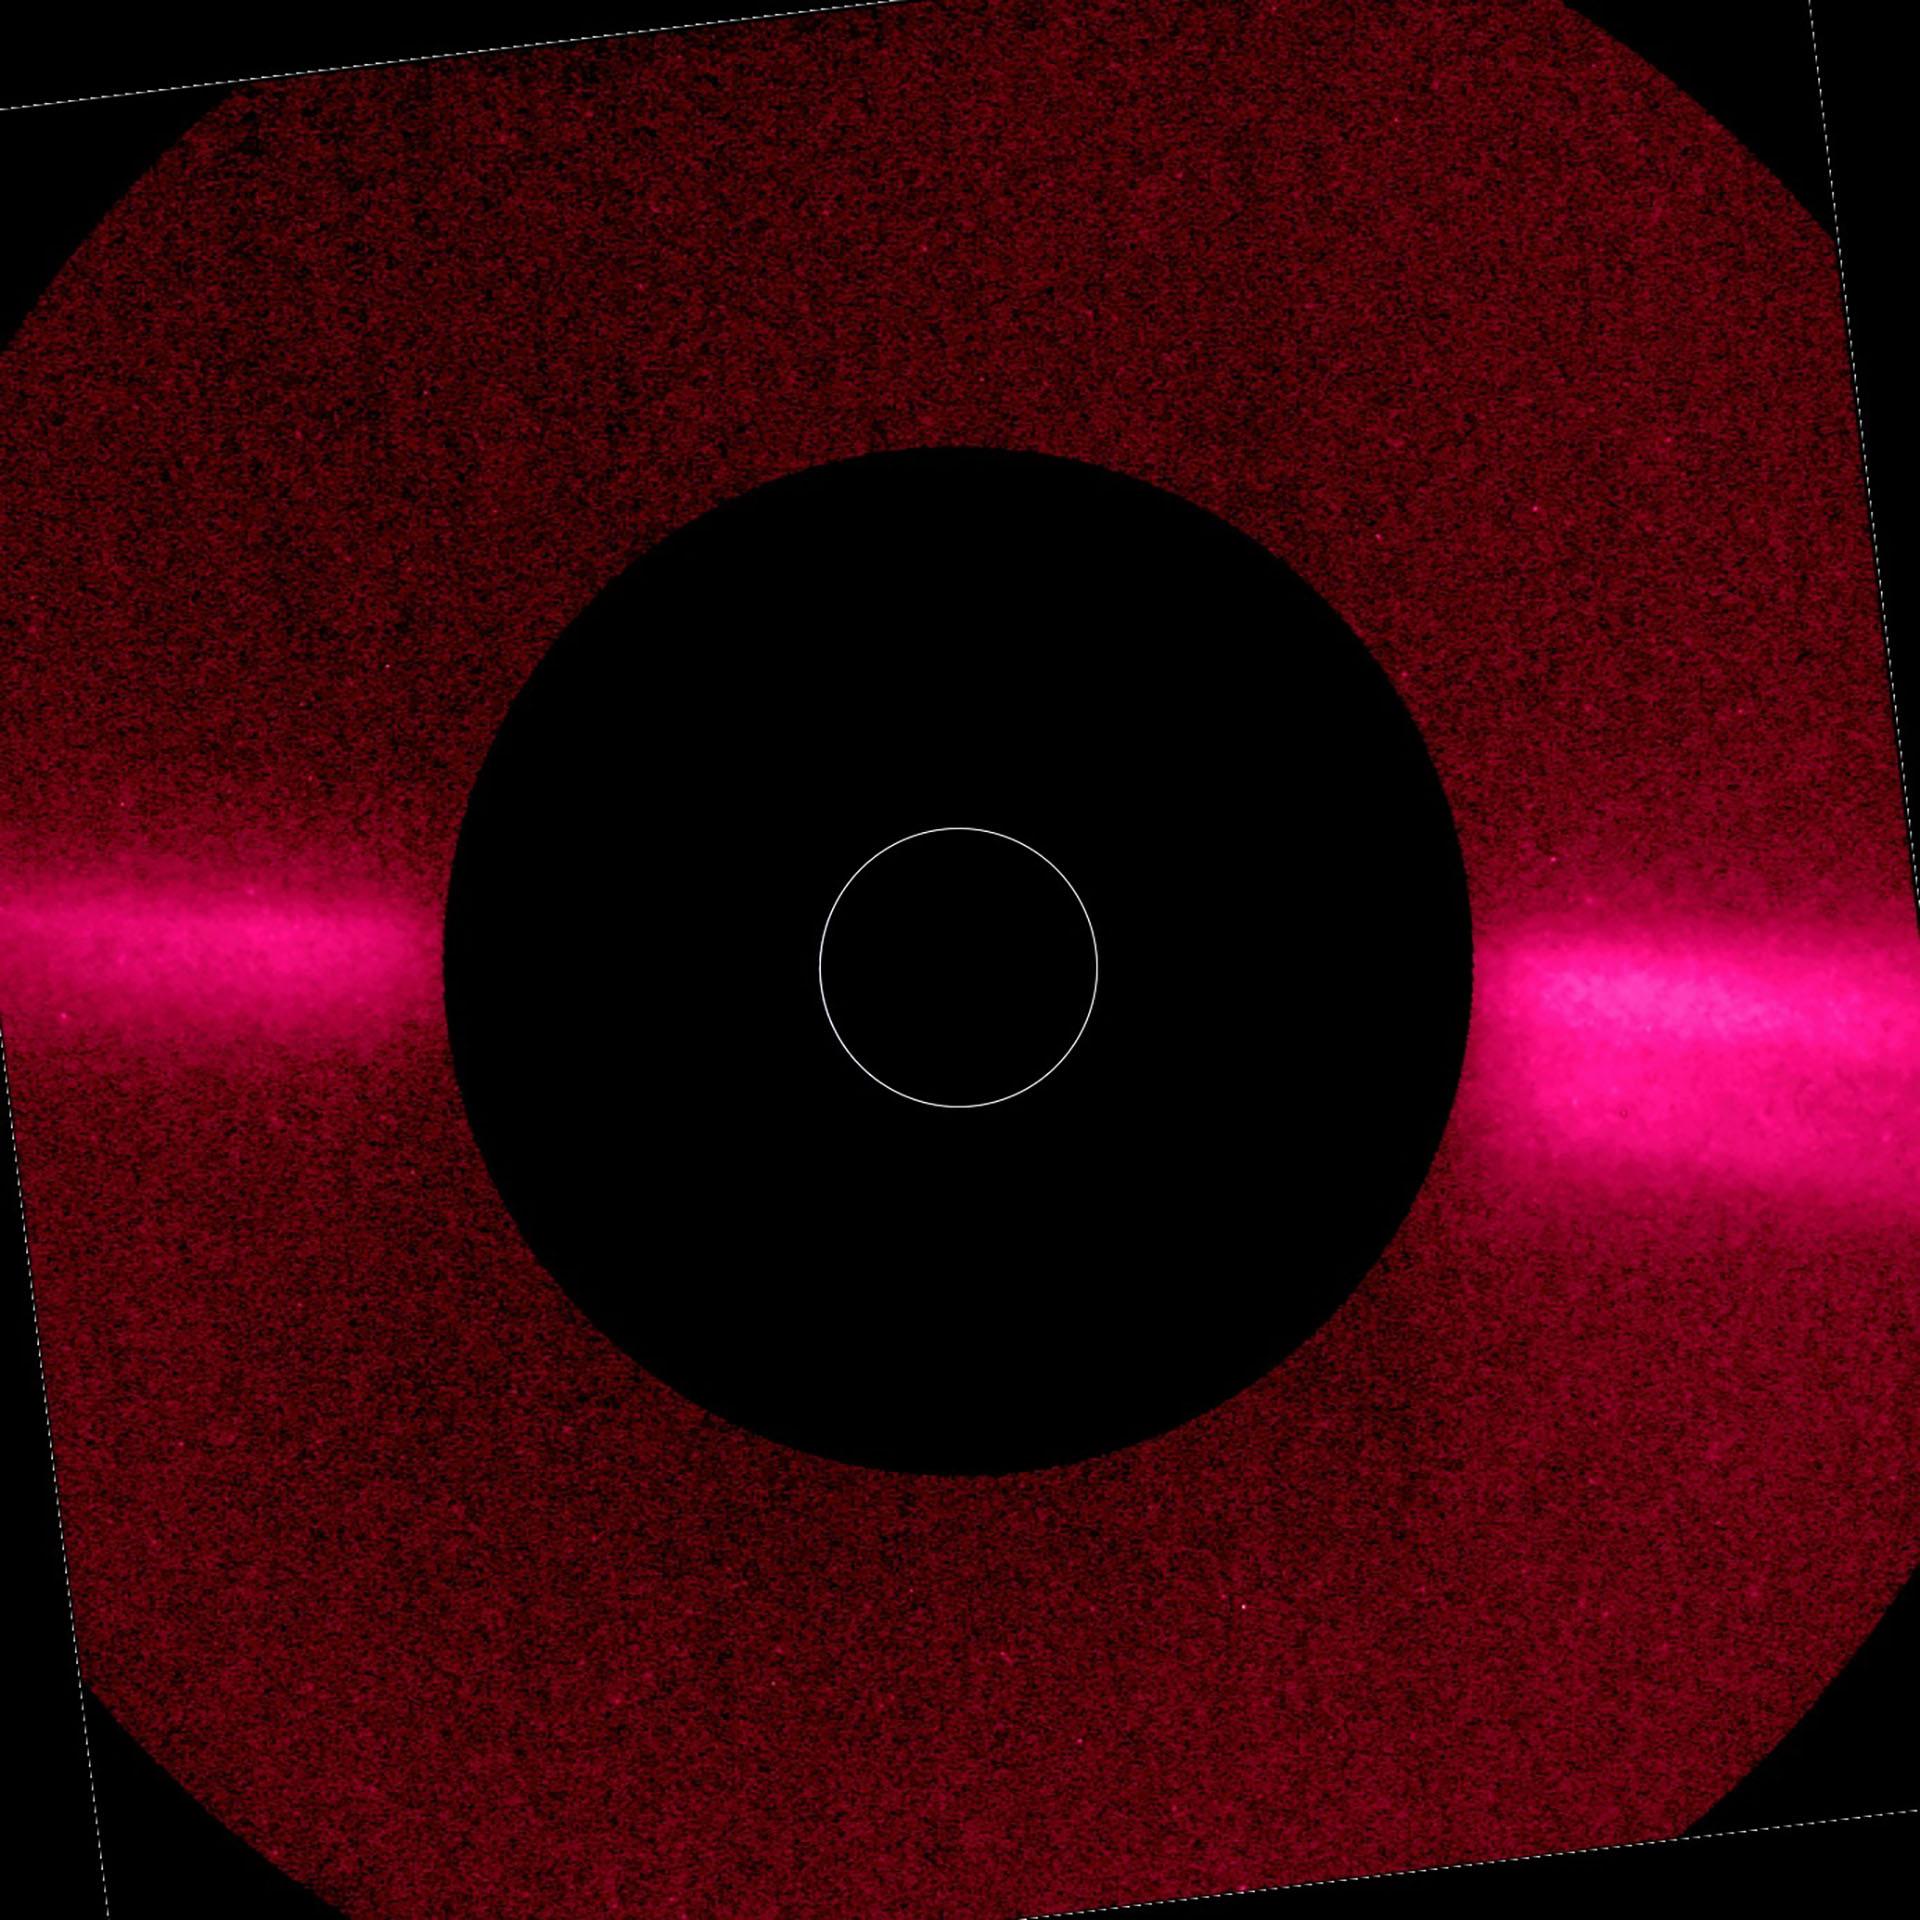 Una imagen de la corona del Sol obtenida con el instrumento Metis el 21 de junio de 2020, poco después del primer perihelio de la nave espacial. Fue tomada en luz visible (580-640 nm). Muestra las dos brillantes serpentinas ecuatoriales y las regiones polares más tenues que son características de la corona solar durante épocas de mínima actividad magnética (EFE/EPA/ÓRBITRO SOLAR/ EQUIPO METIS/ ESA)